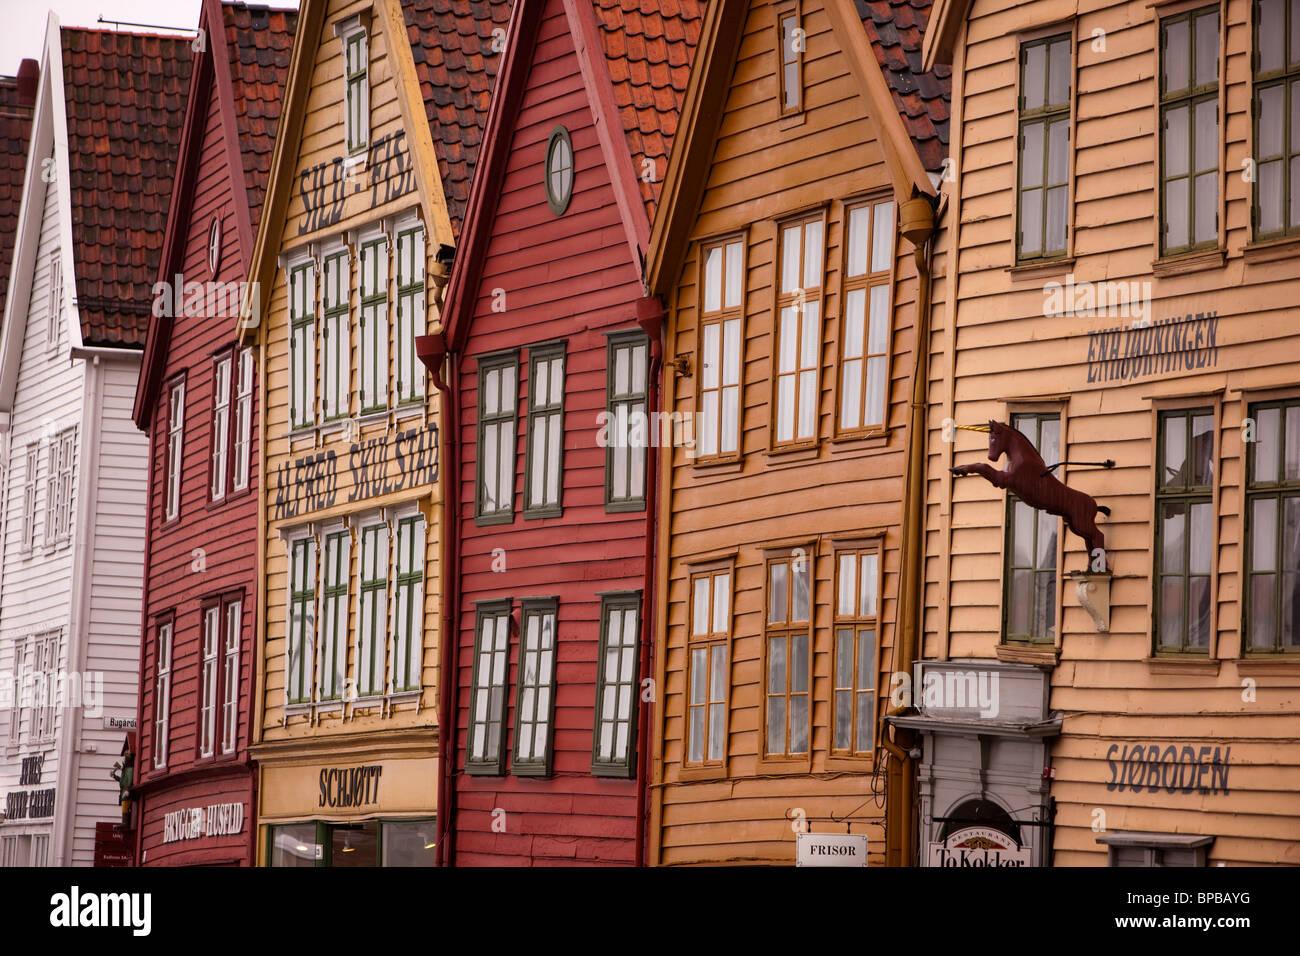 Scandinavia Norway Bryggen shop fronts - Stock Image